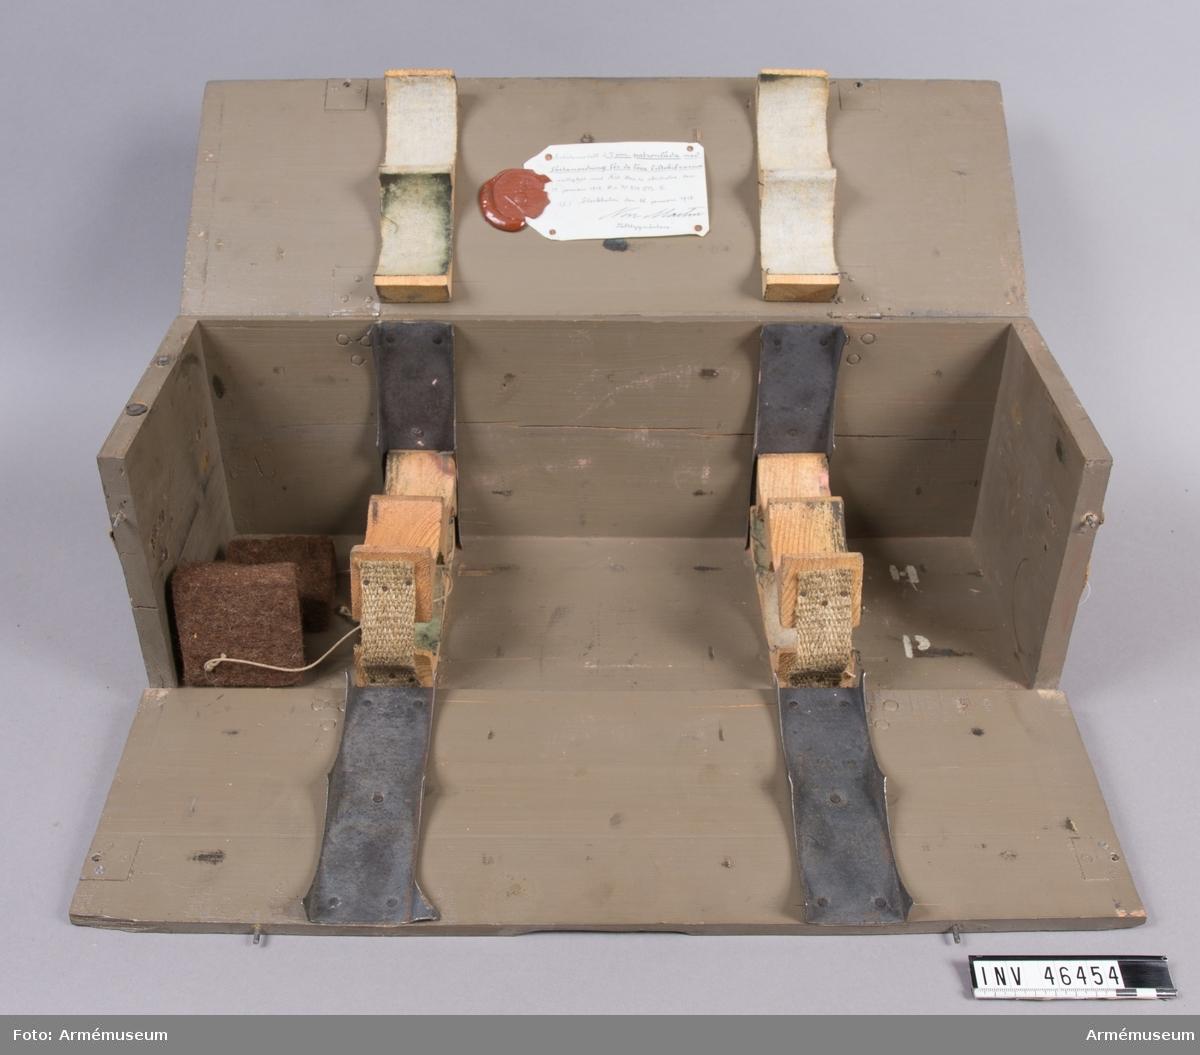 Grupp E V. Arbetsmodell å 7 cm patronlåda med fästanordning för de lösa filtskivorna. Enligt Artilleridepartementets skrivelse den 17 januari 1913. Lådan är tom.